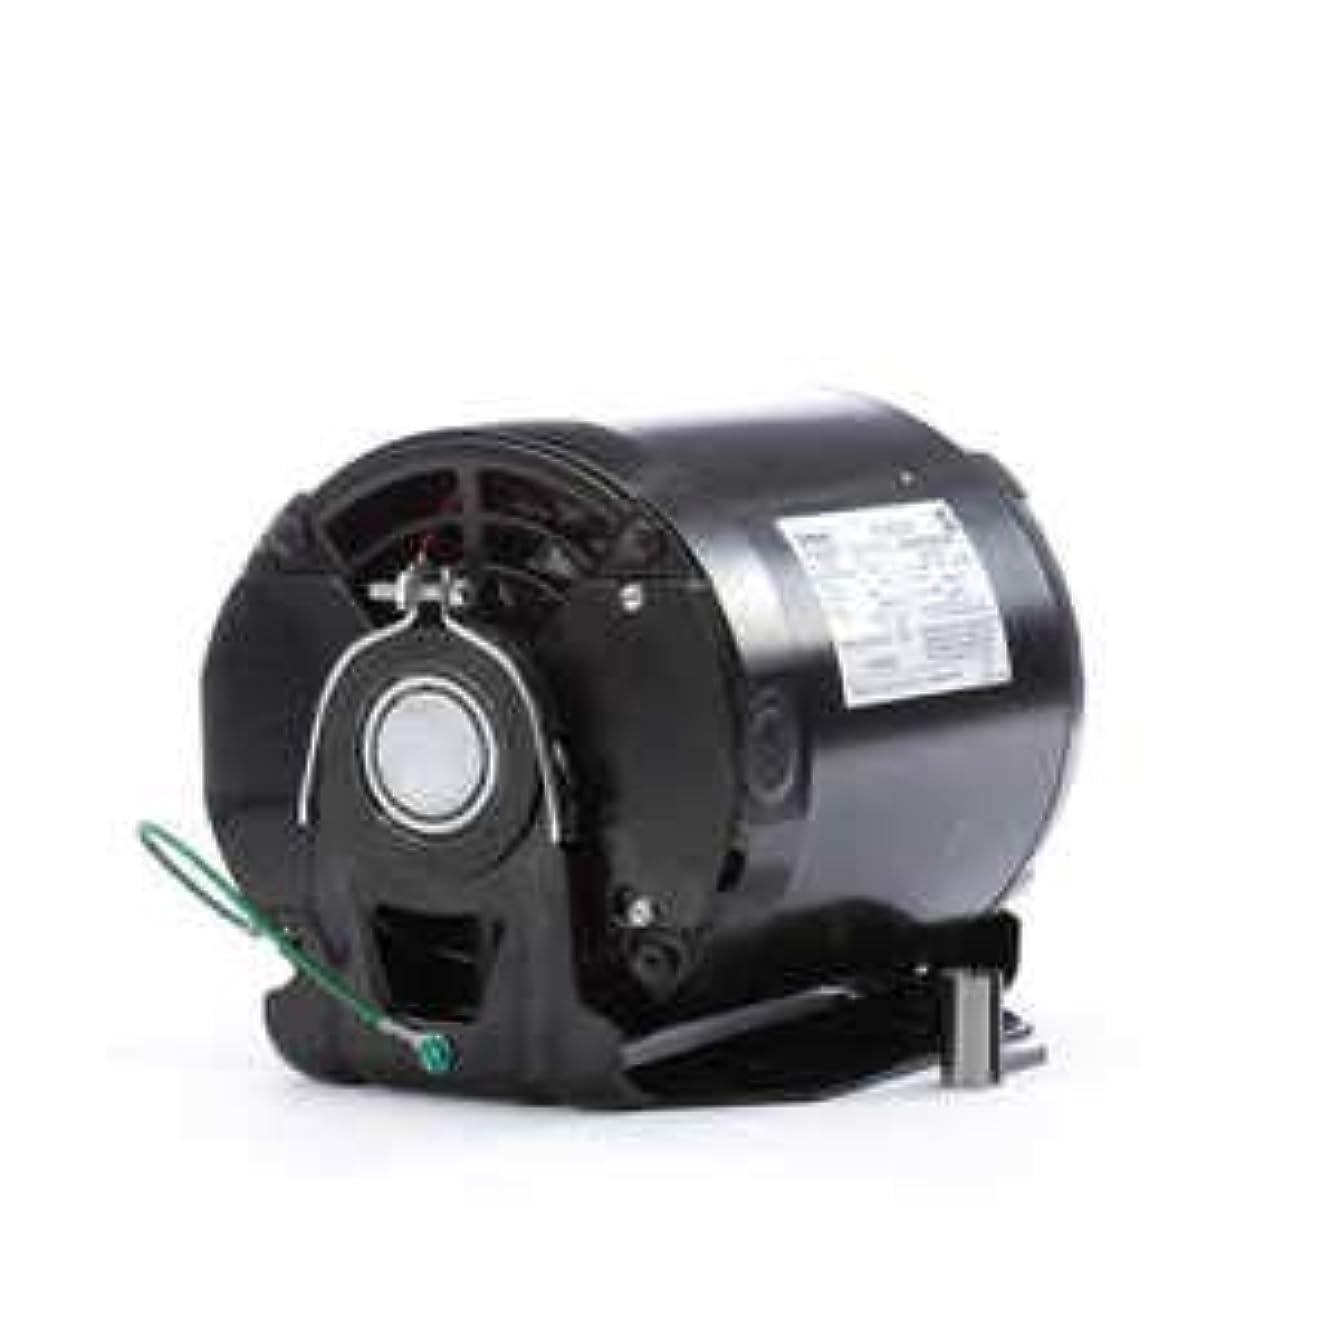 Evaporative Cooler Motor 1/2hp 1725/1140 RPM 56Z 115V # SV2054BV2L